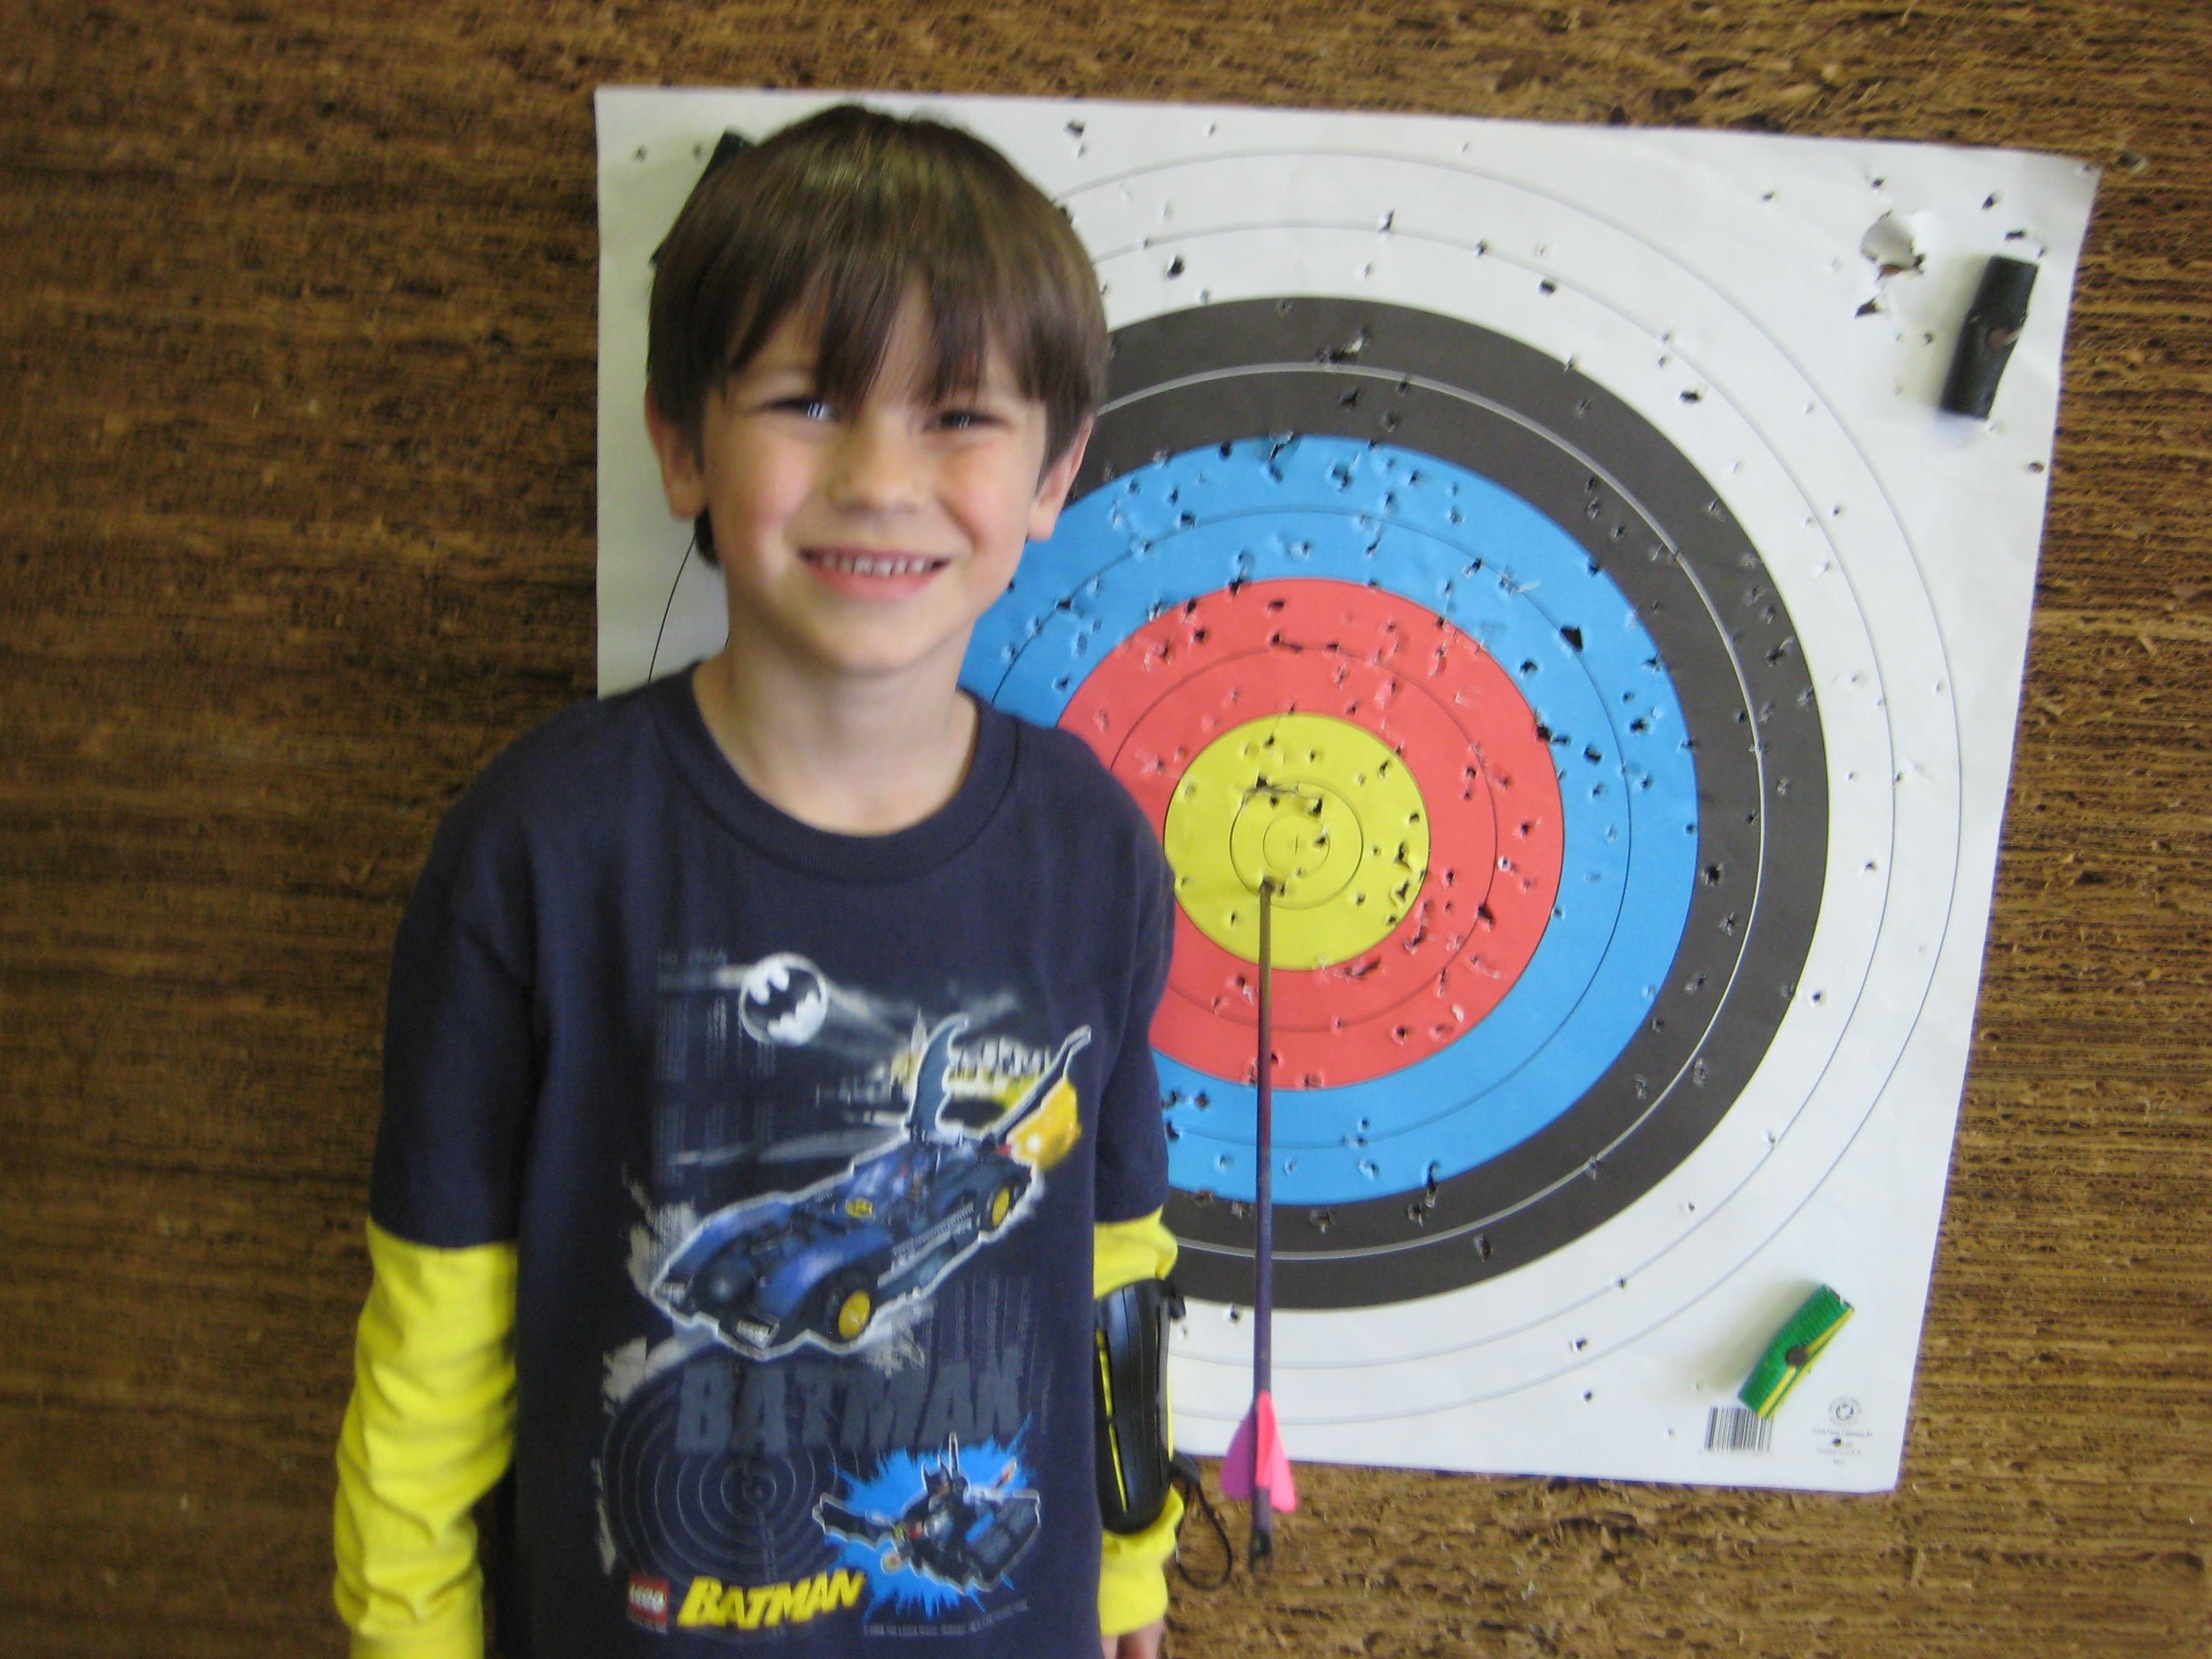 I shot a bullseye!